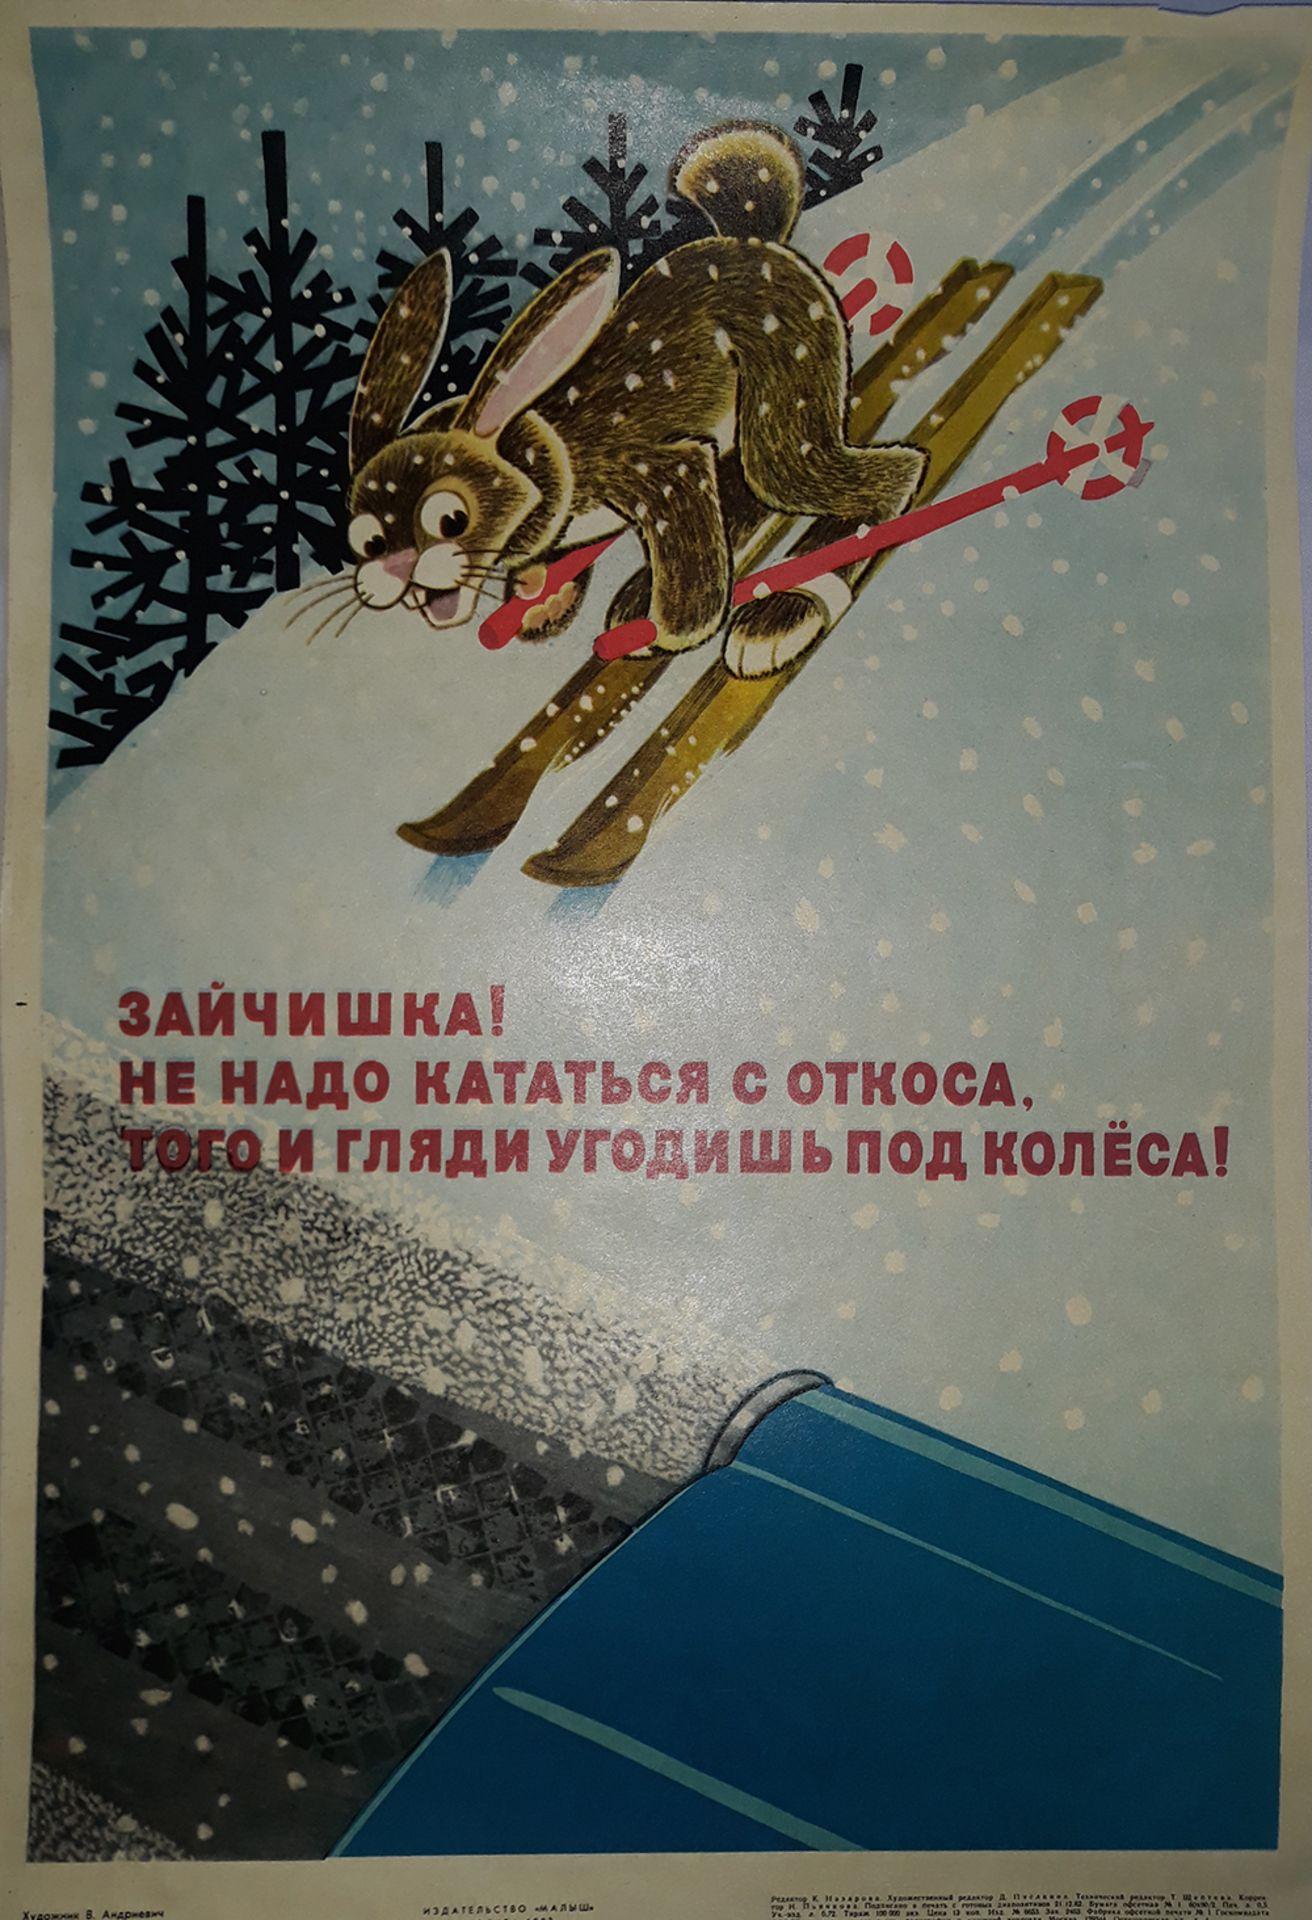 """[Soviet]. Andrievich, V. Poster """"Bunny"""".<br>"""